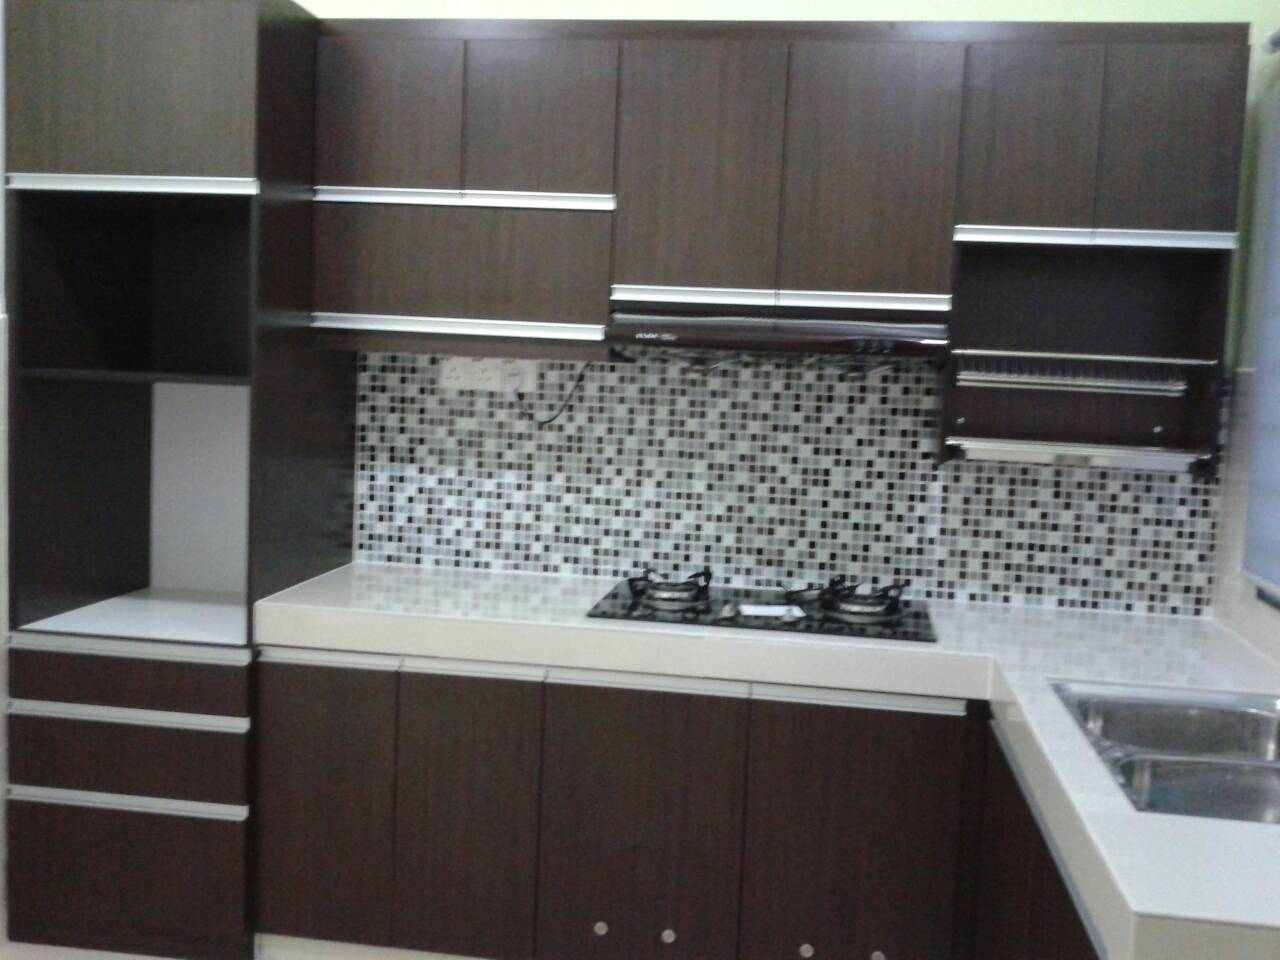 20170906 192307 Siap Sudah Kabinet Dapur Rumahku